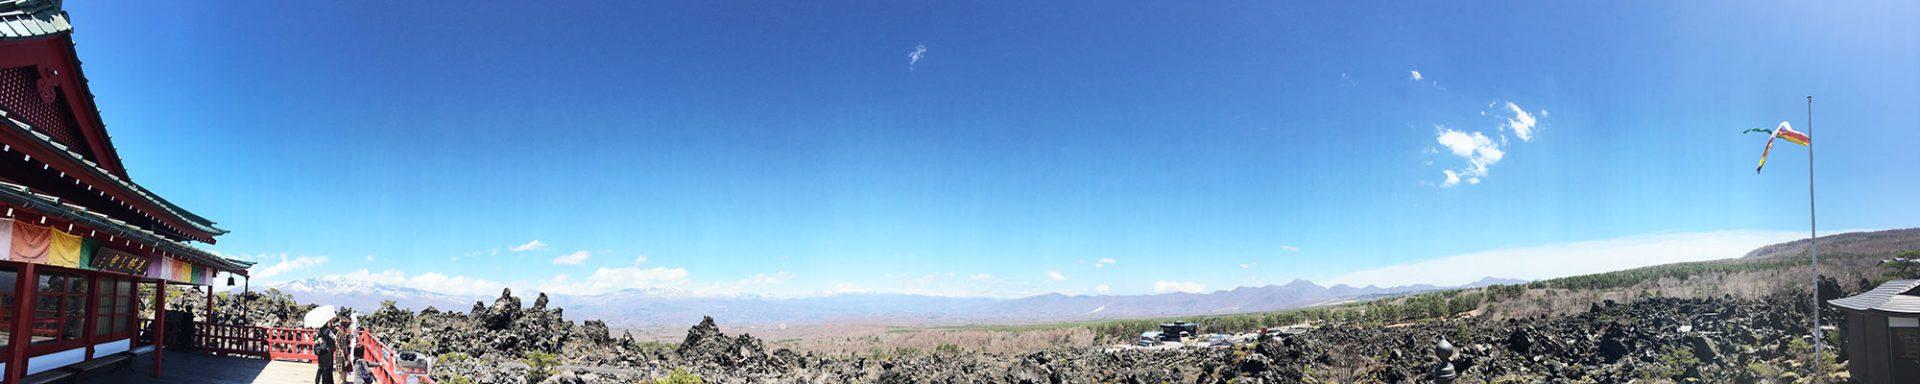 浅間山観音堂の展望台からの風景